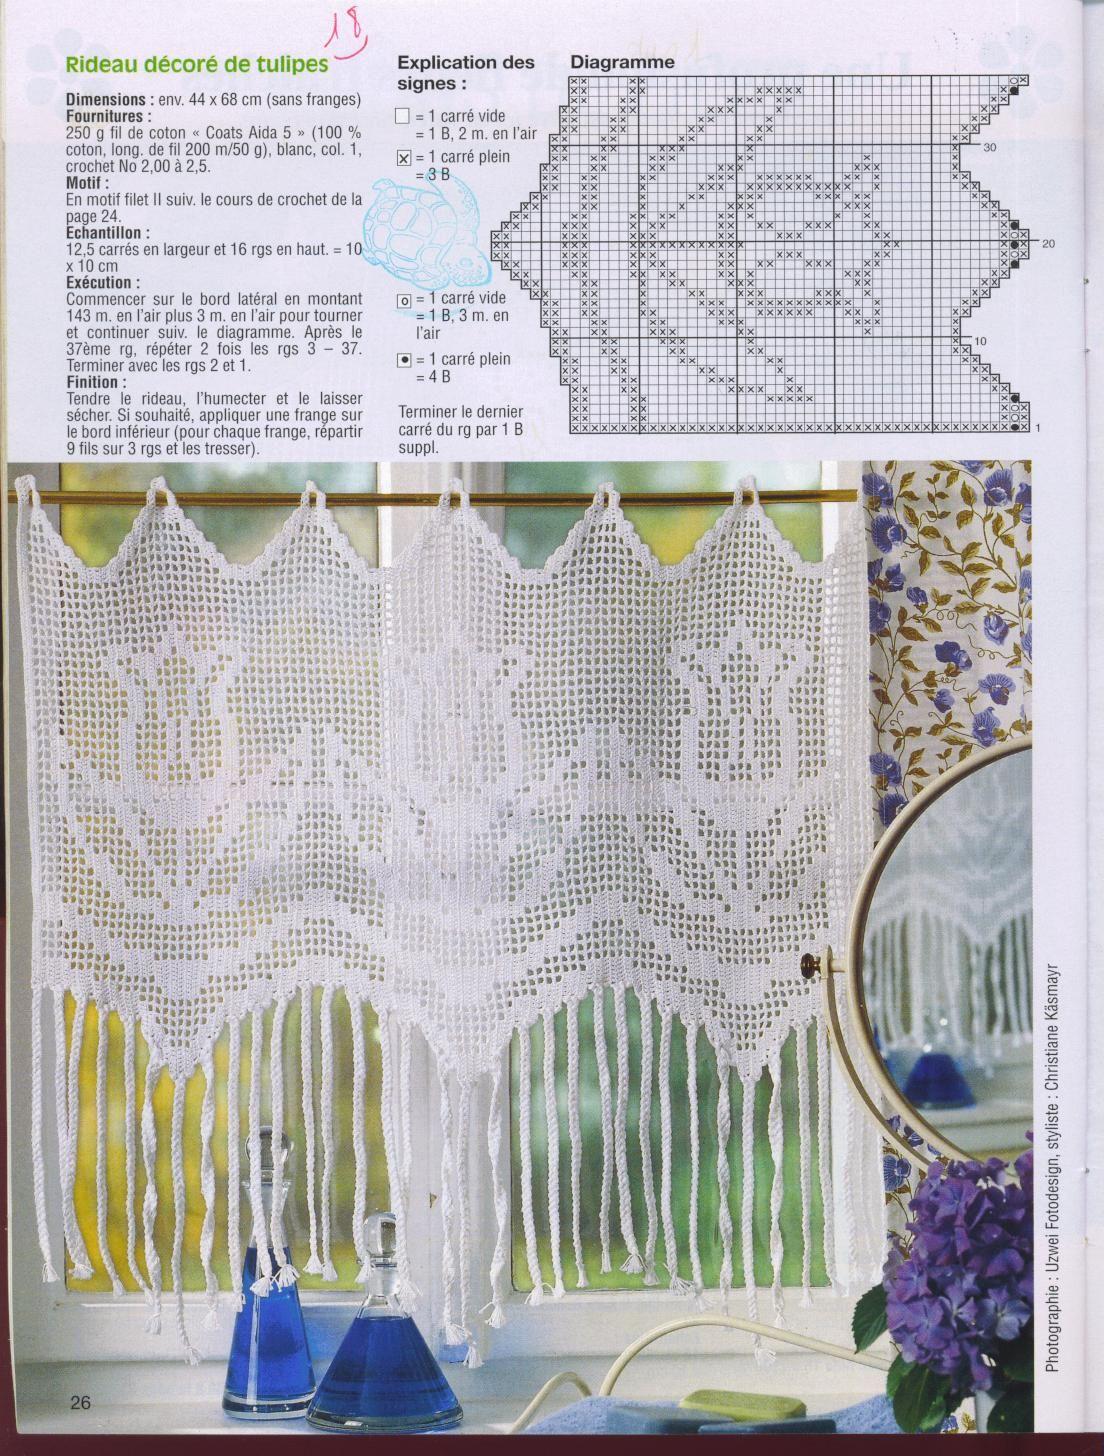 Un grande, bagno ben attrezzato merita un trattamento tradizionale finestra con tende regolabili e forse un colore aggiuntivo. Schemi Tende A Filet Per Cucina Galleria Di Immagini Crochet Curtains Crochet Home Doily Patterns